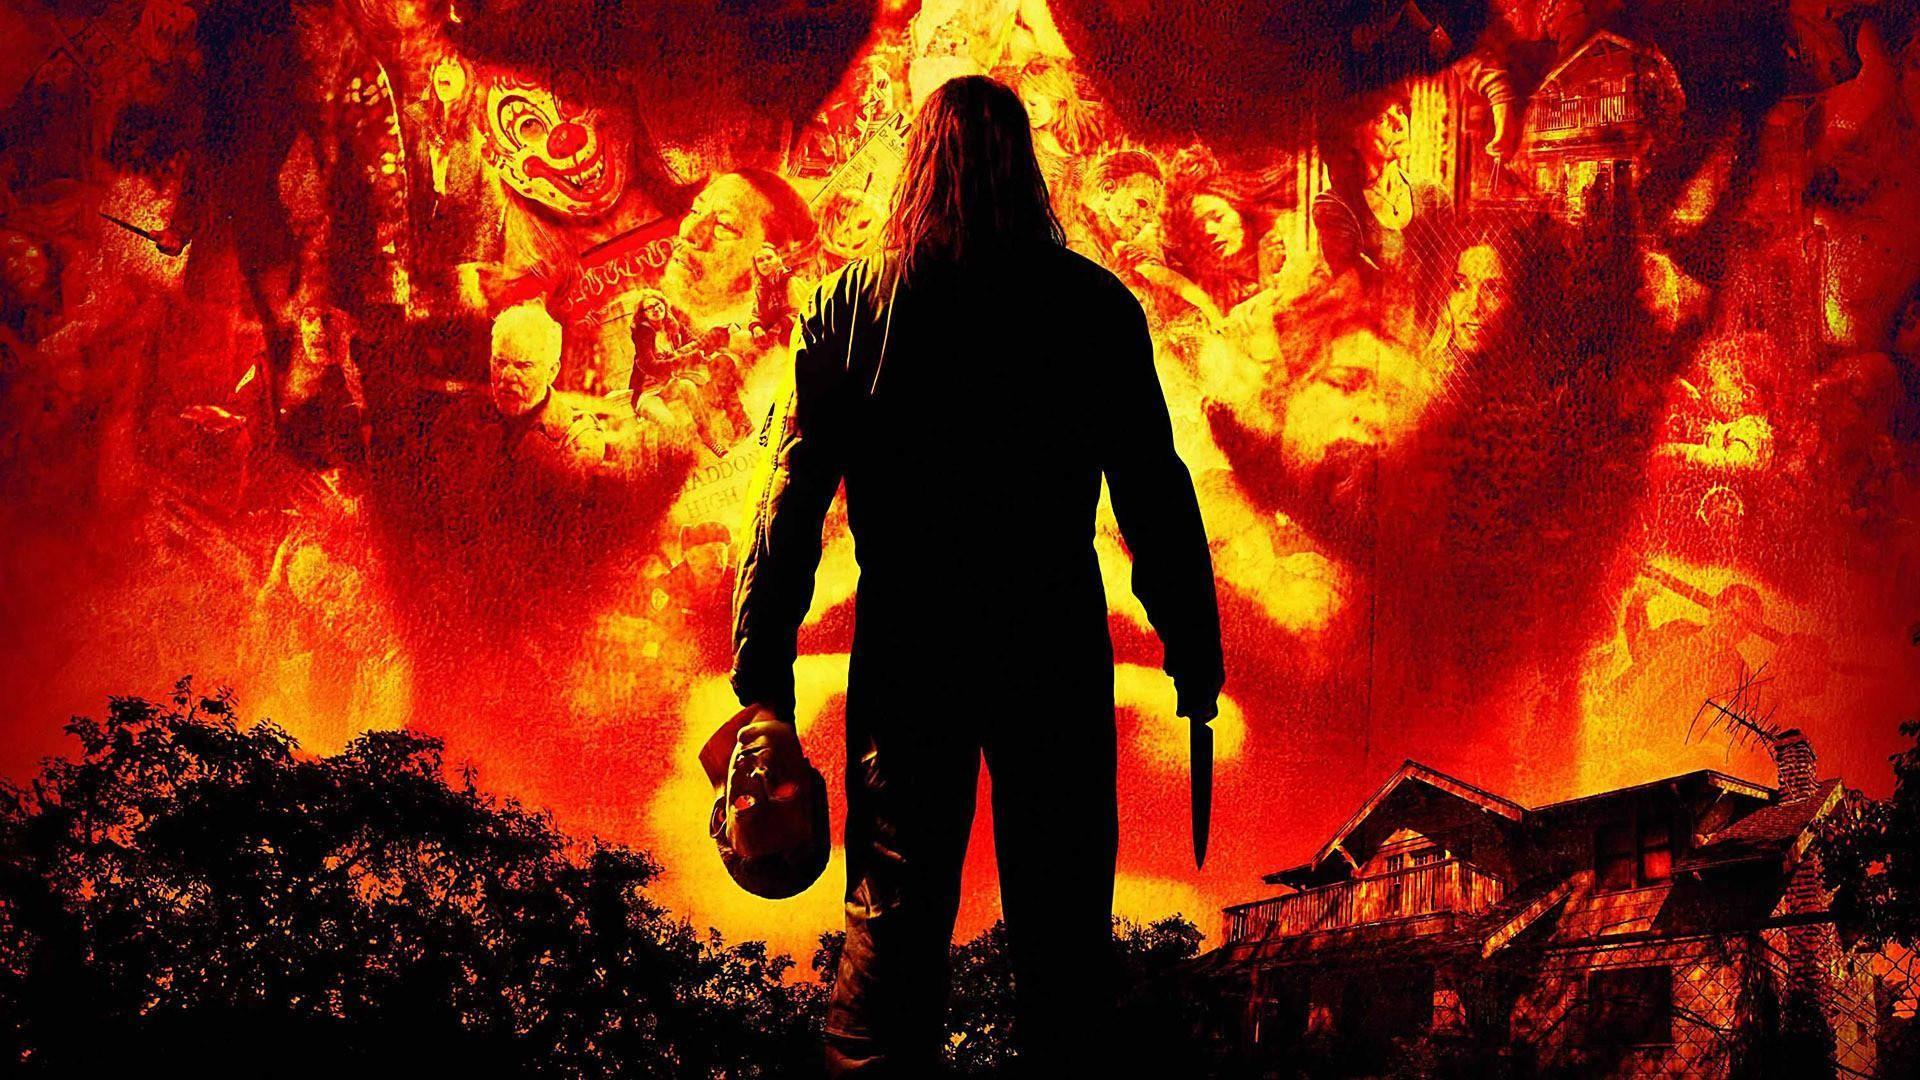 Backgrounds For Halloween Movie Desktop Backgrounds | www … Backgrounds  For Halloween Movie Desktop Backgrounds. Halloween Movie Wallpaper Hd